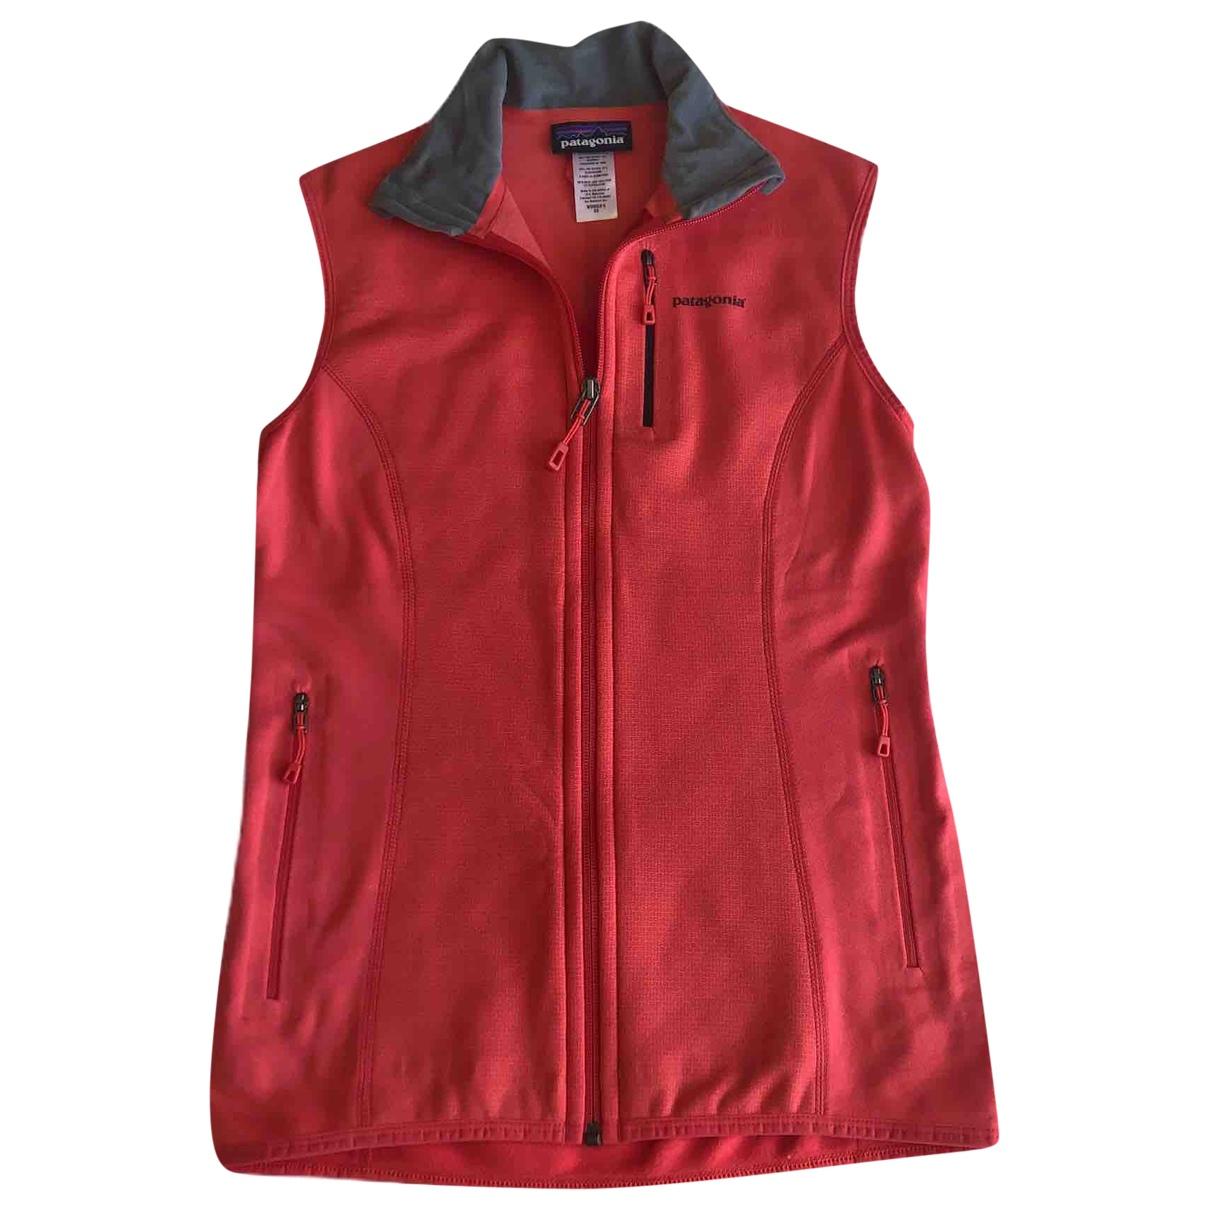 Patagonia \N Pink jacket for Women XS International